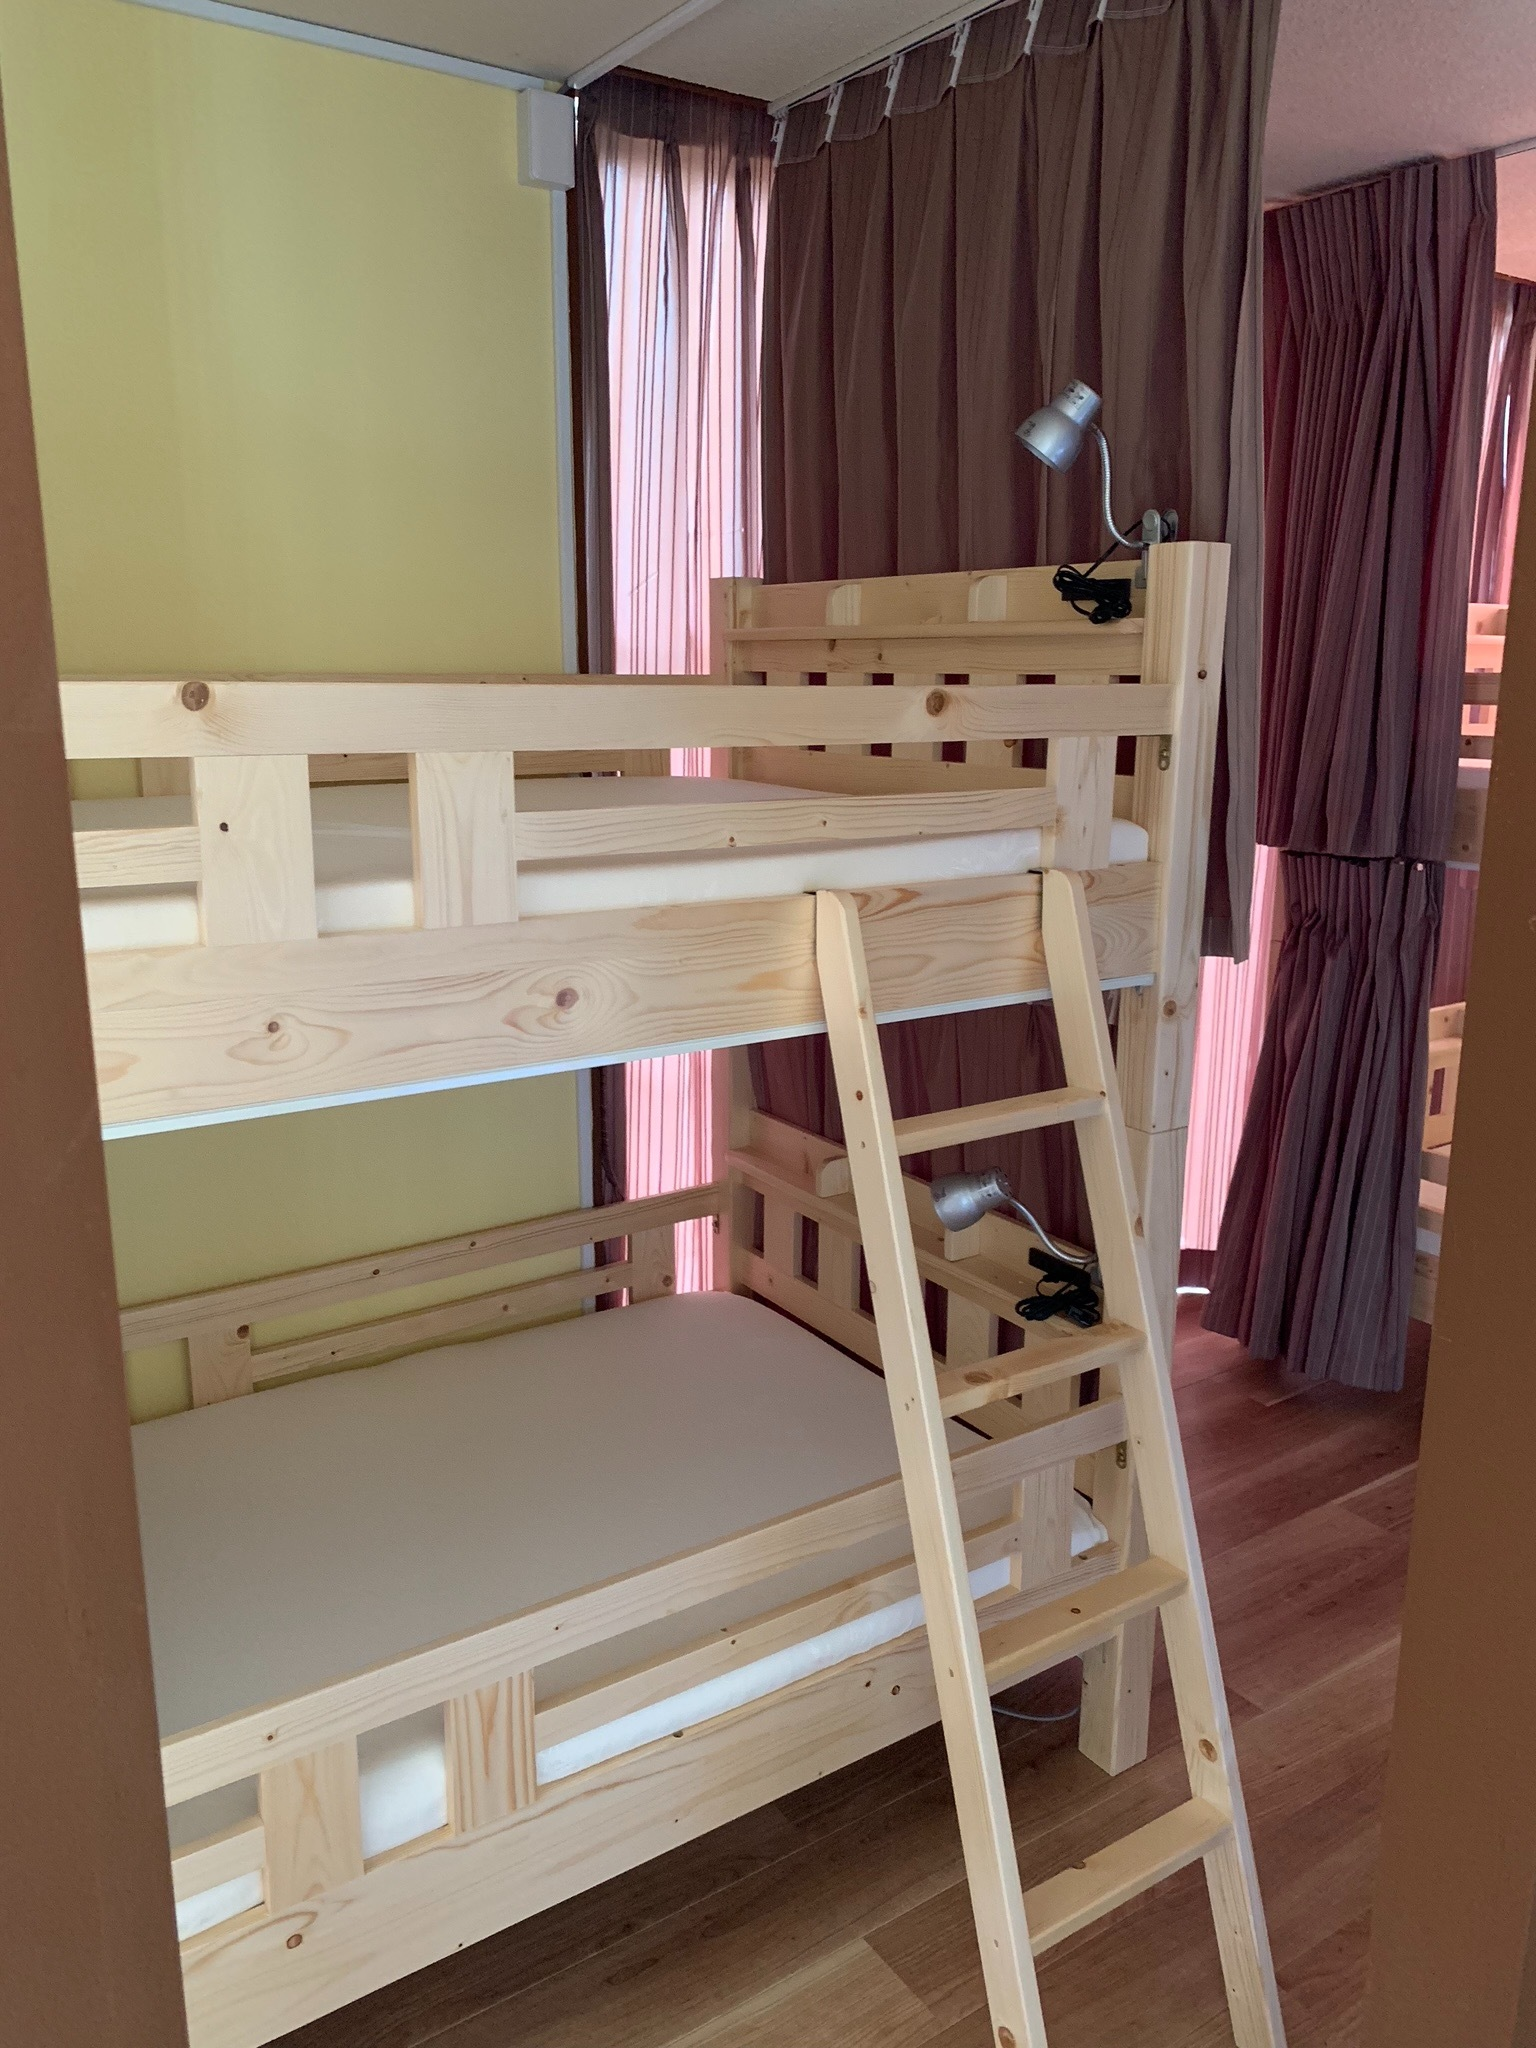 2段ベッドルーム 2段ベッド×4台=8名 ご希望でシングル掛け布団3セット計11名まで利用できます